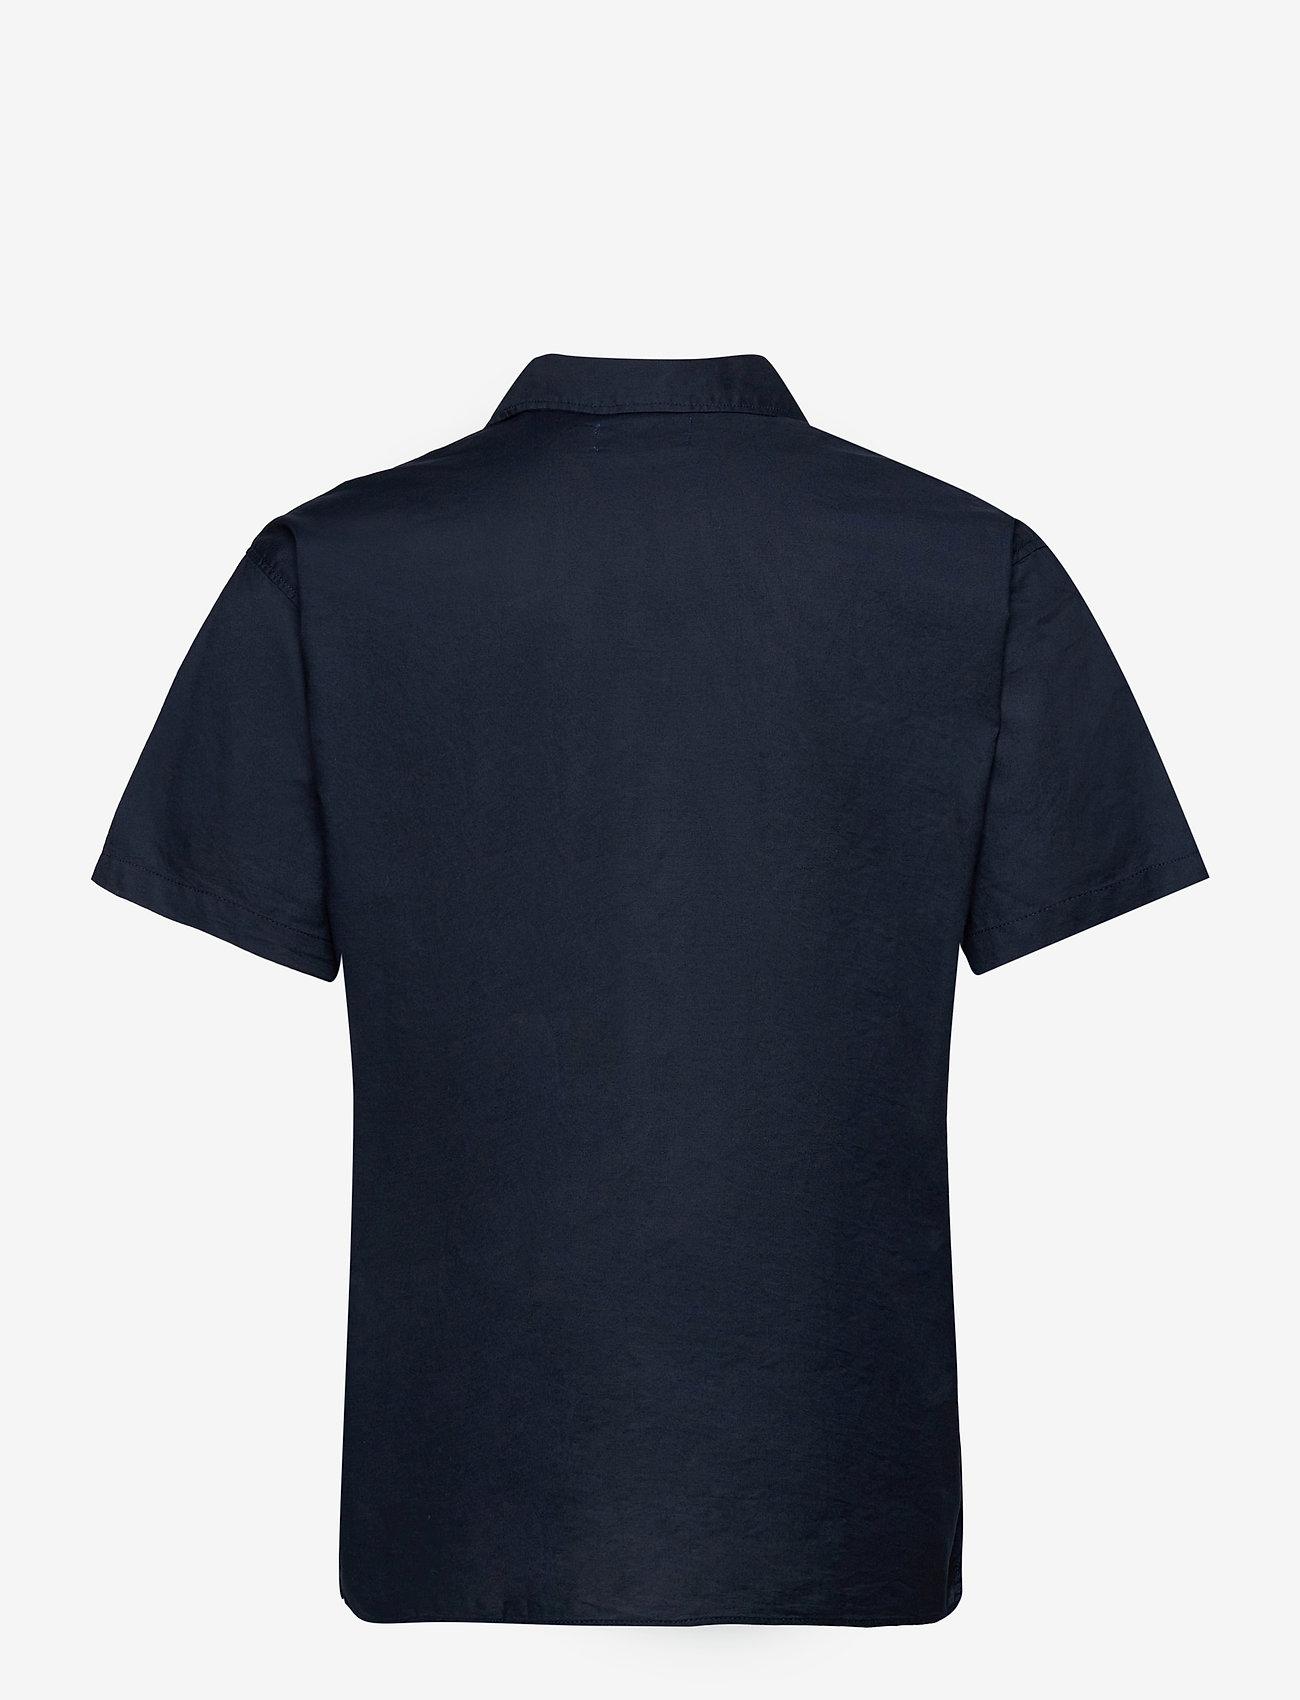 Jack & Jones - JORTOWER SHIRT SS - basic skjortor - navy blazer - 1